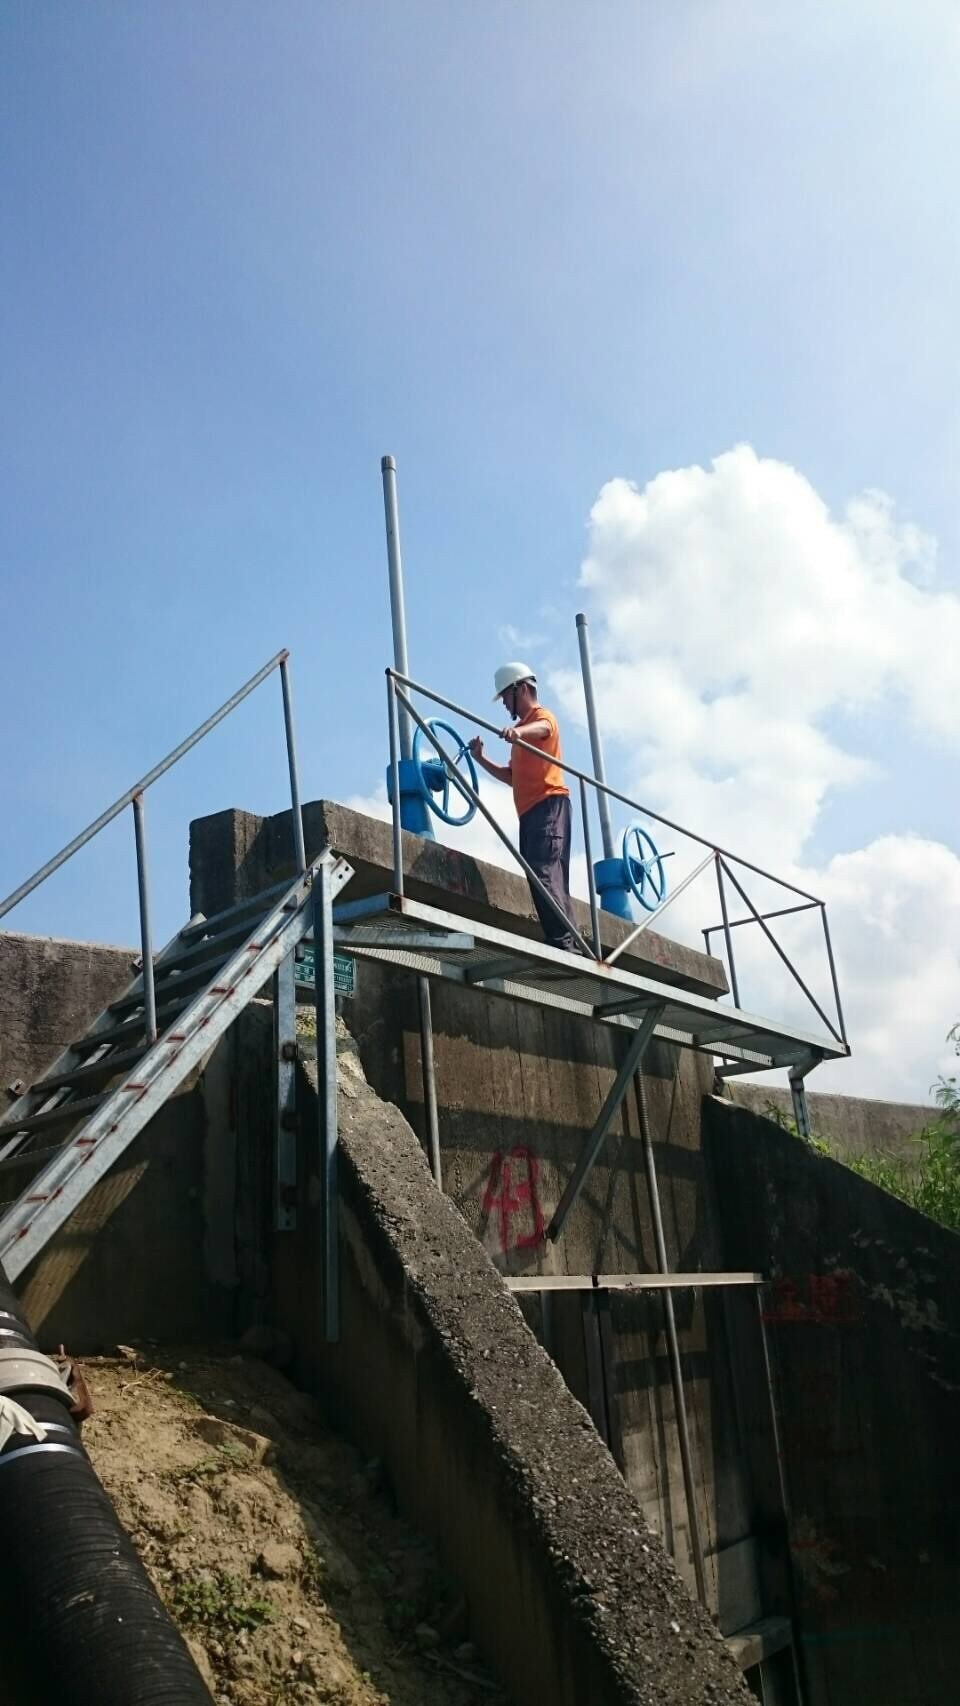 台南市政府水利局派員檢修各抽水站維持高妥善率因應。圖╱台南市政府水利局提供